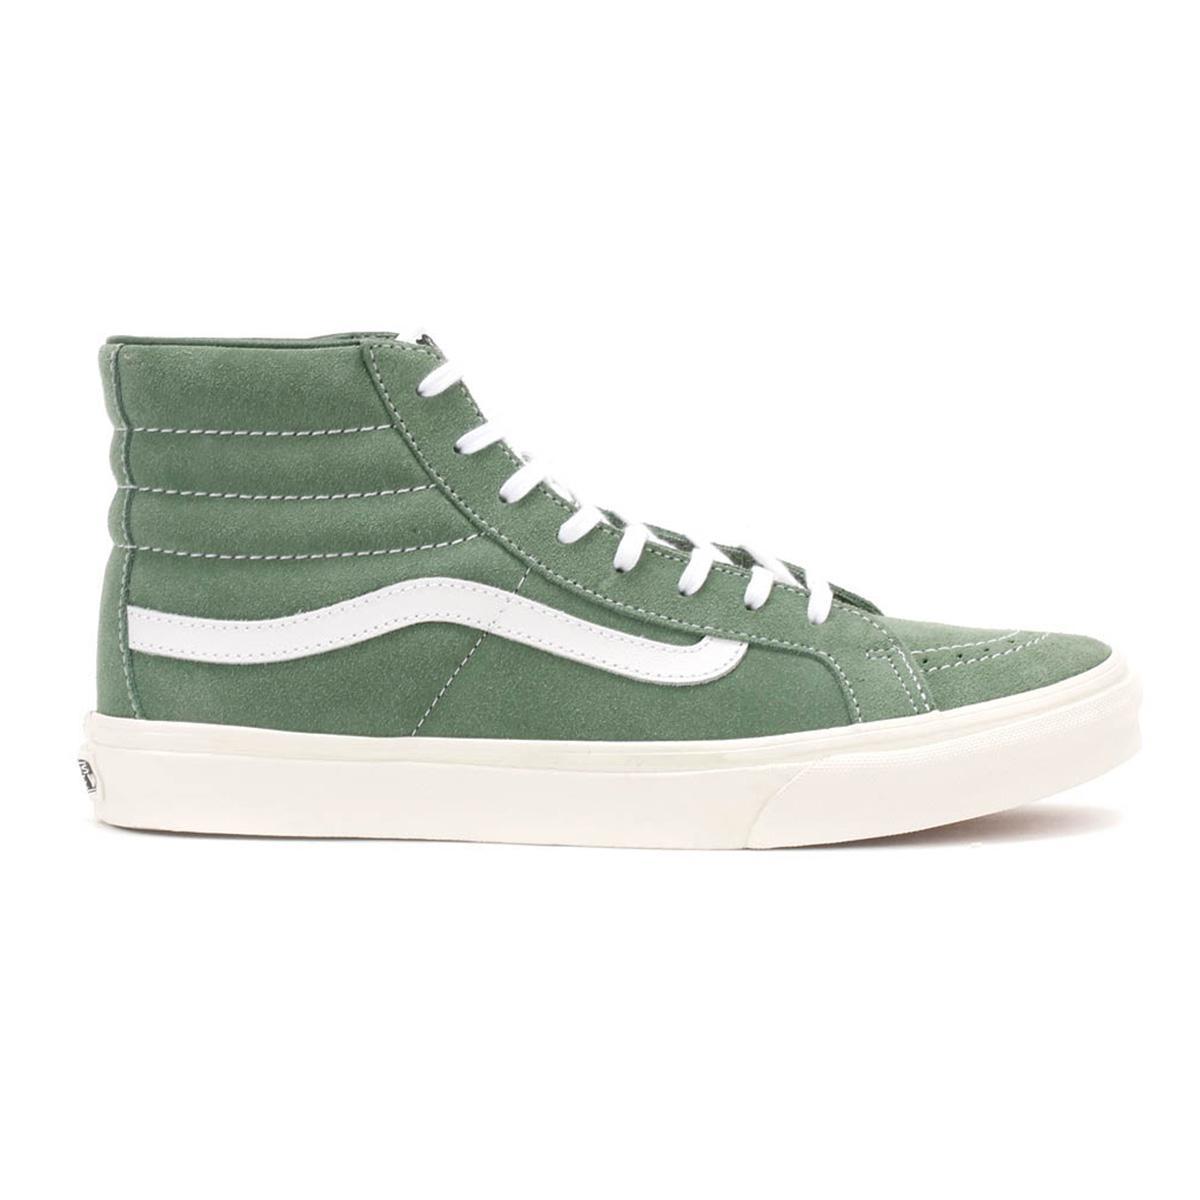 4ba3d7c1324 Lyst - Vans Womens Green   True White Suede Sk8-hi Slim Trainers in ...